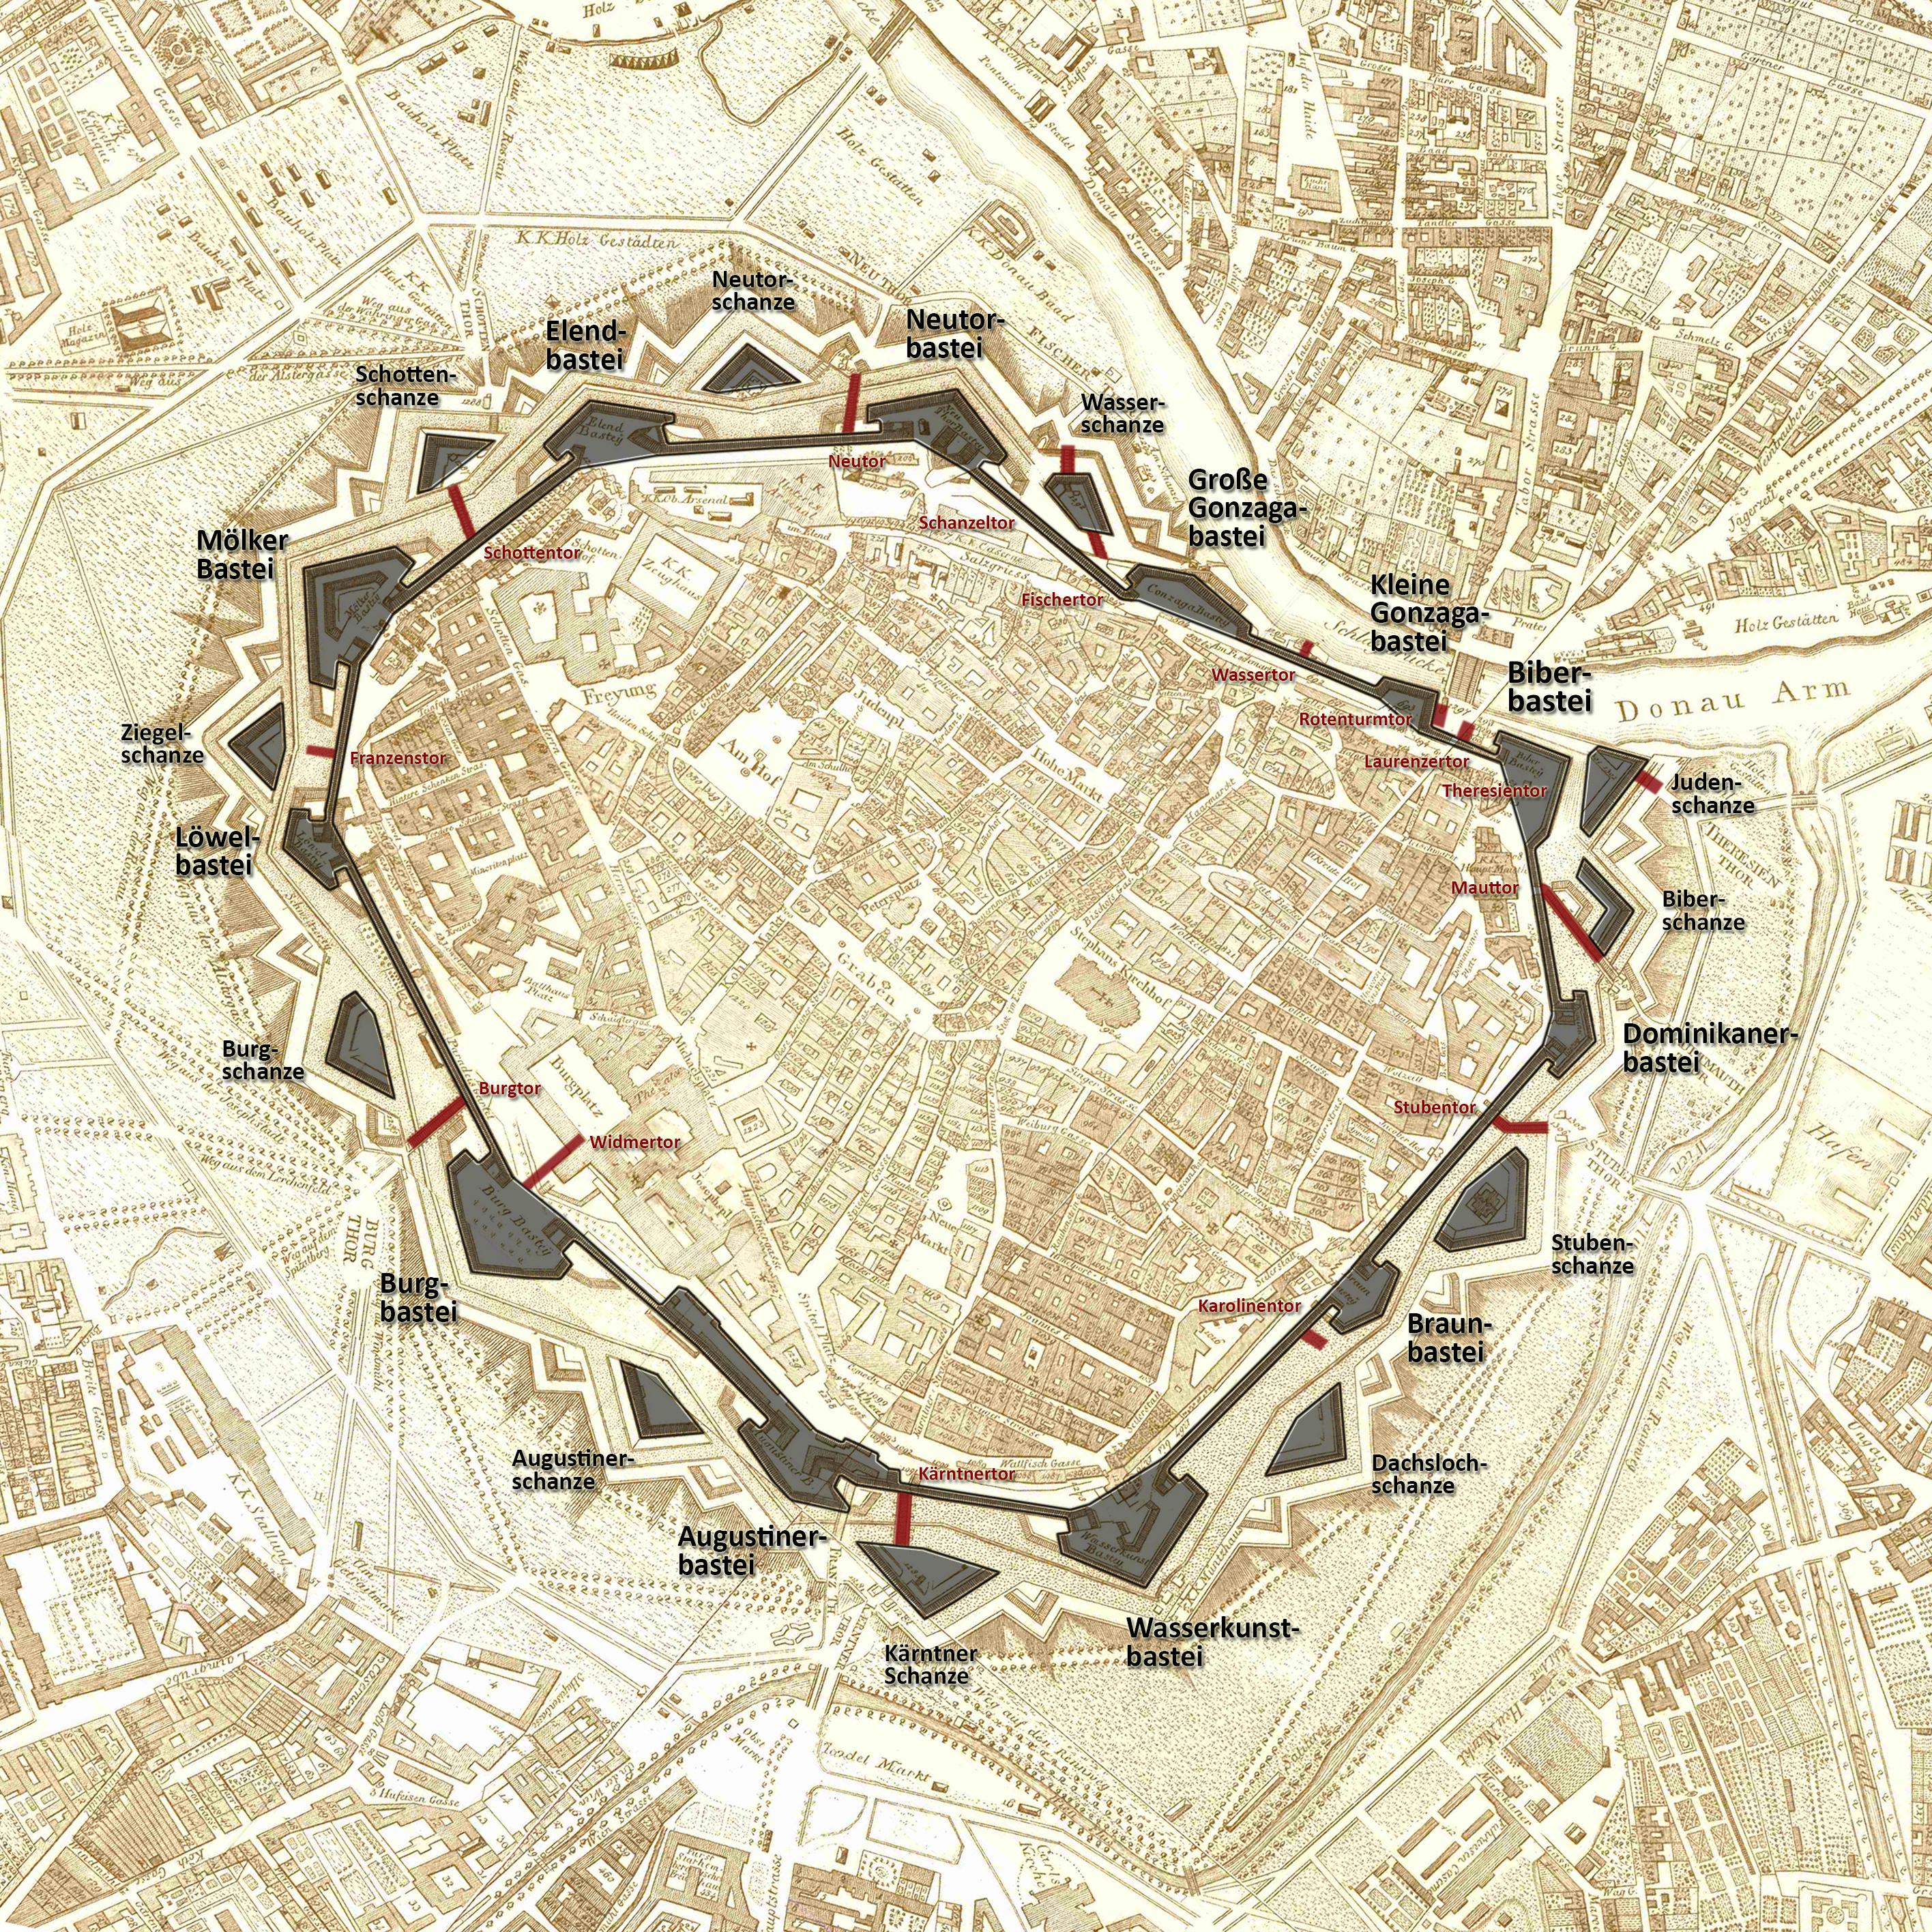 Wien Stadtbefestigung Degen 1809 Gugerell.jpg